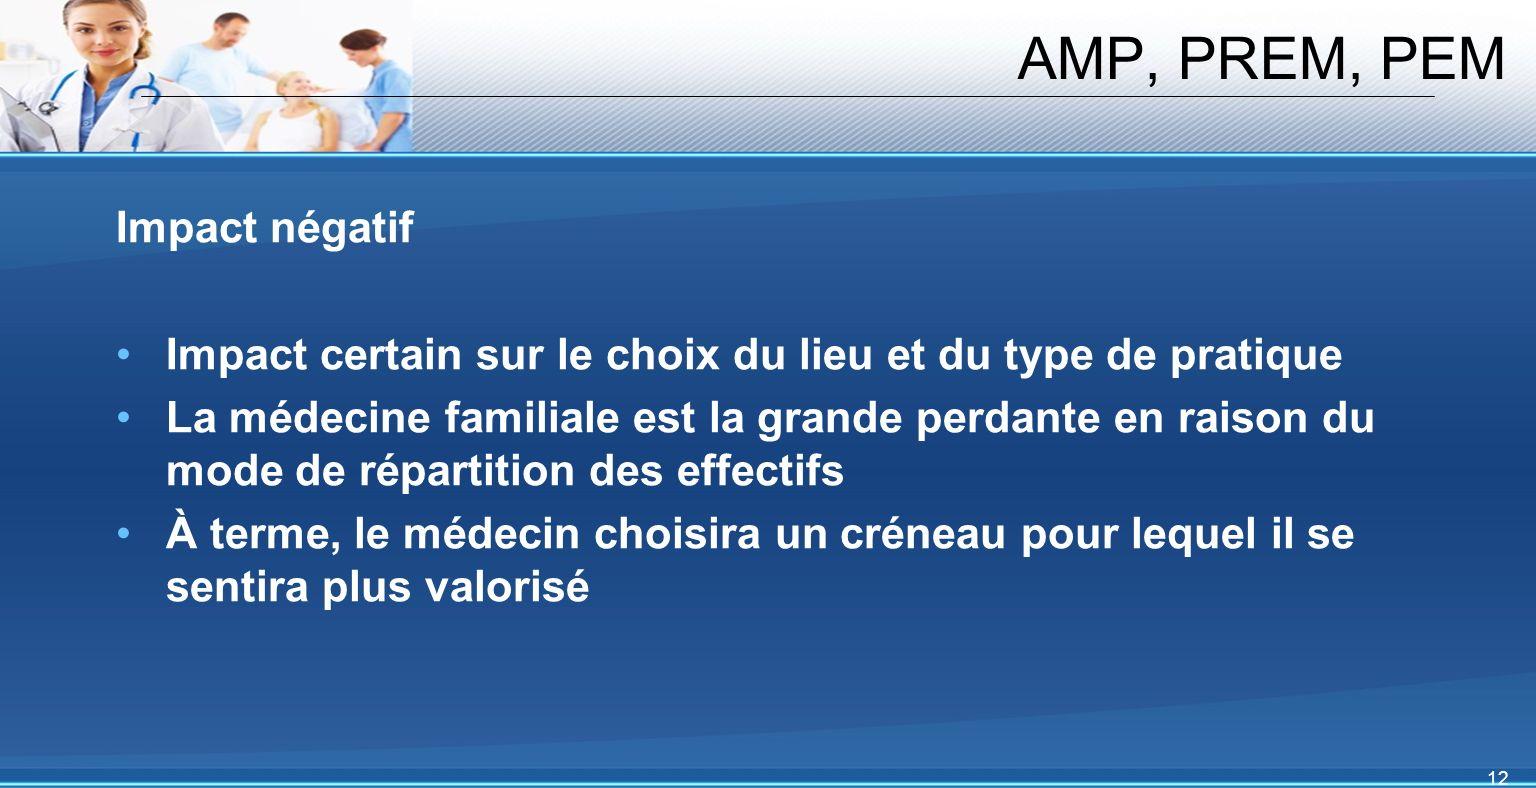 12 AMP, PREM, PEM Impact négatif Impact certain sur le choix du lieu et du type de pratique La médecine familiale est la grande perdante en raison du mode de répartition des effectifs À terme, le médecin choisira un créneau pour lequel il se sentira plus valorisé